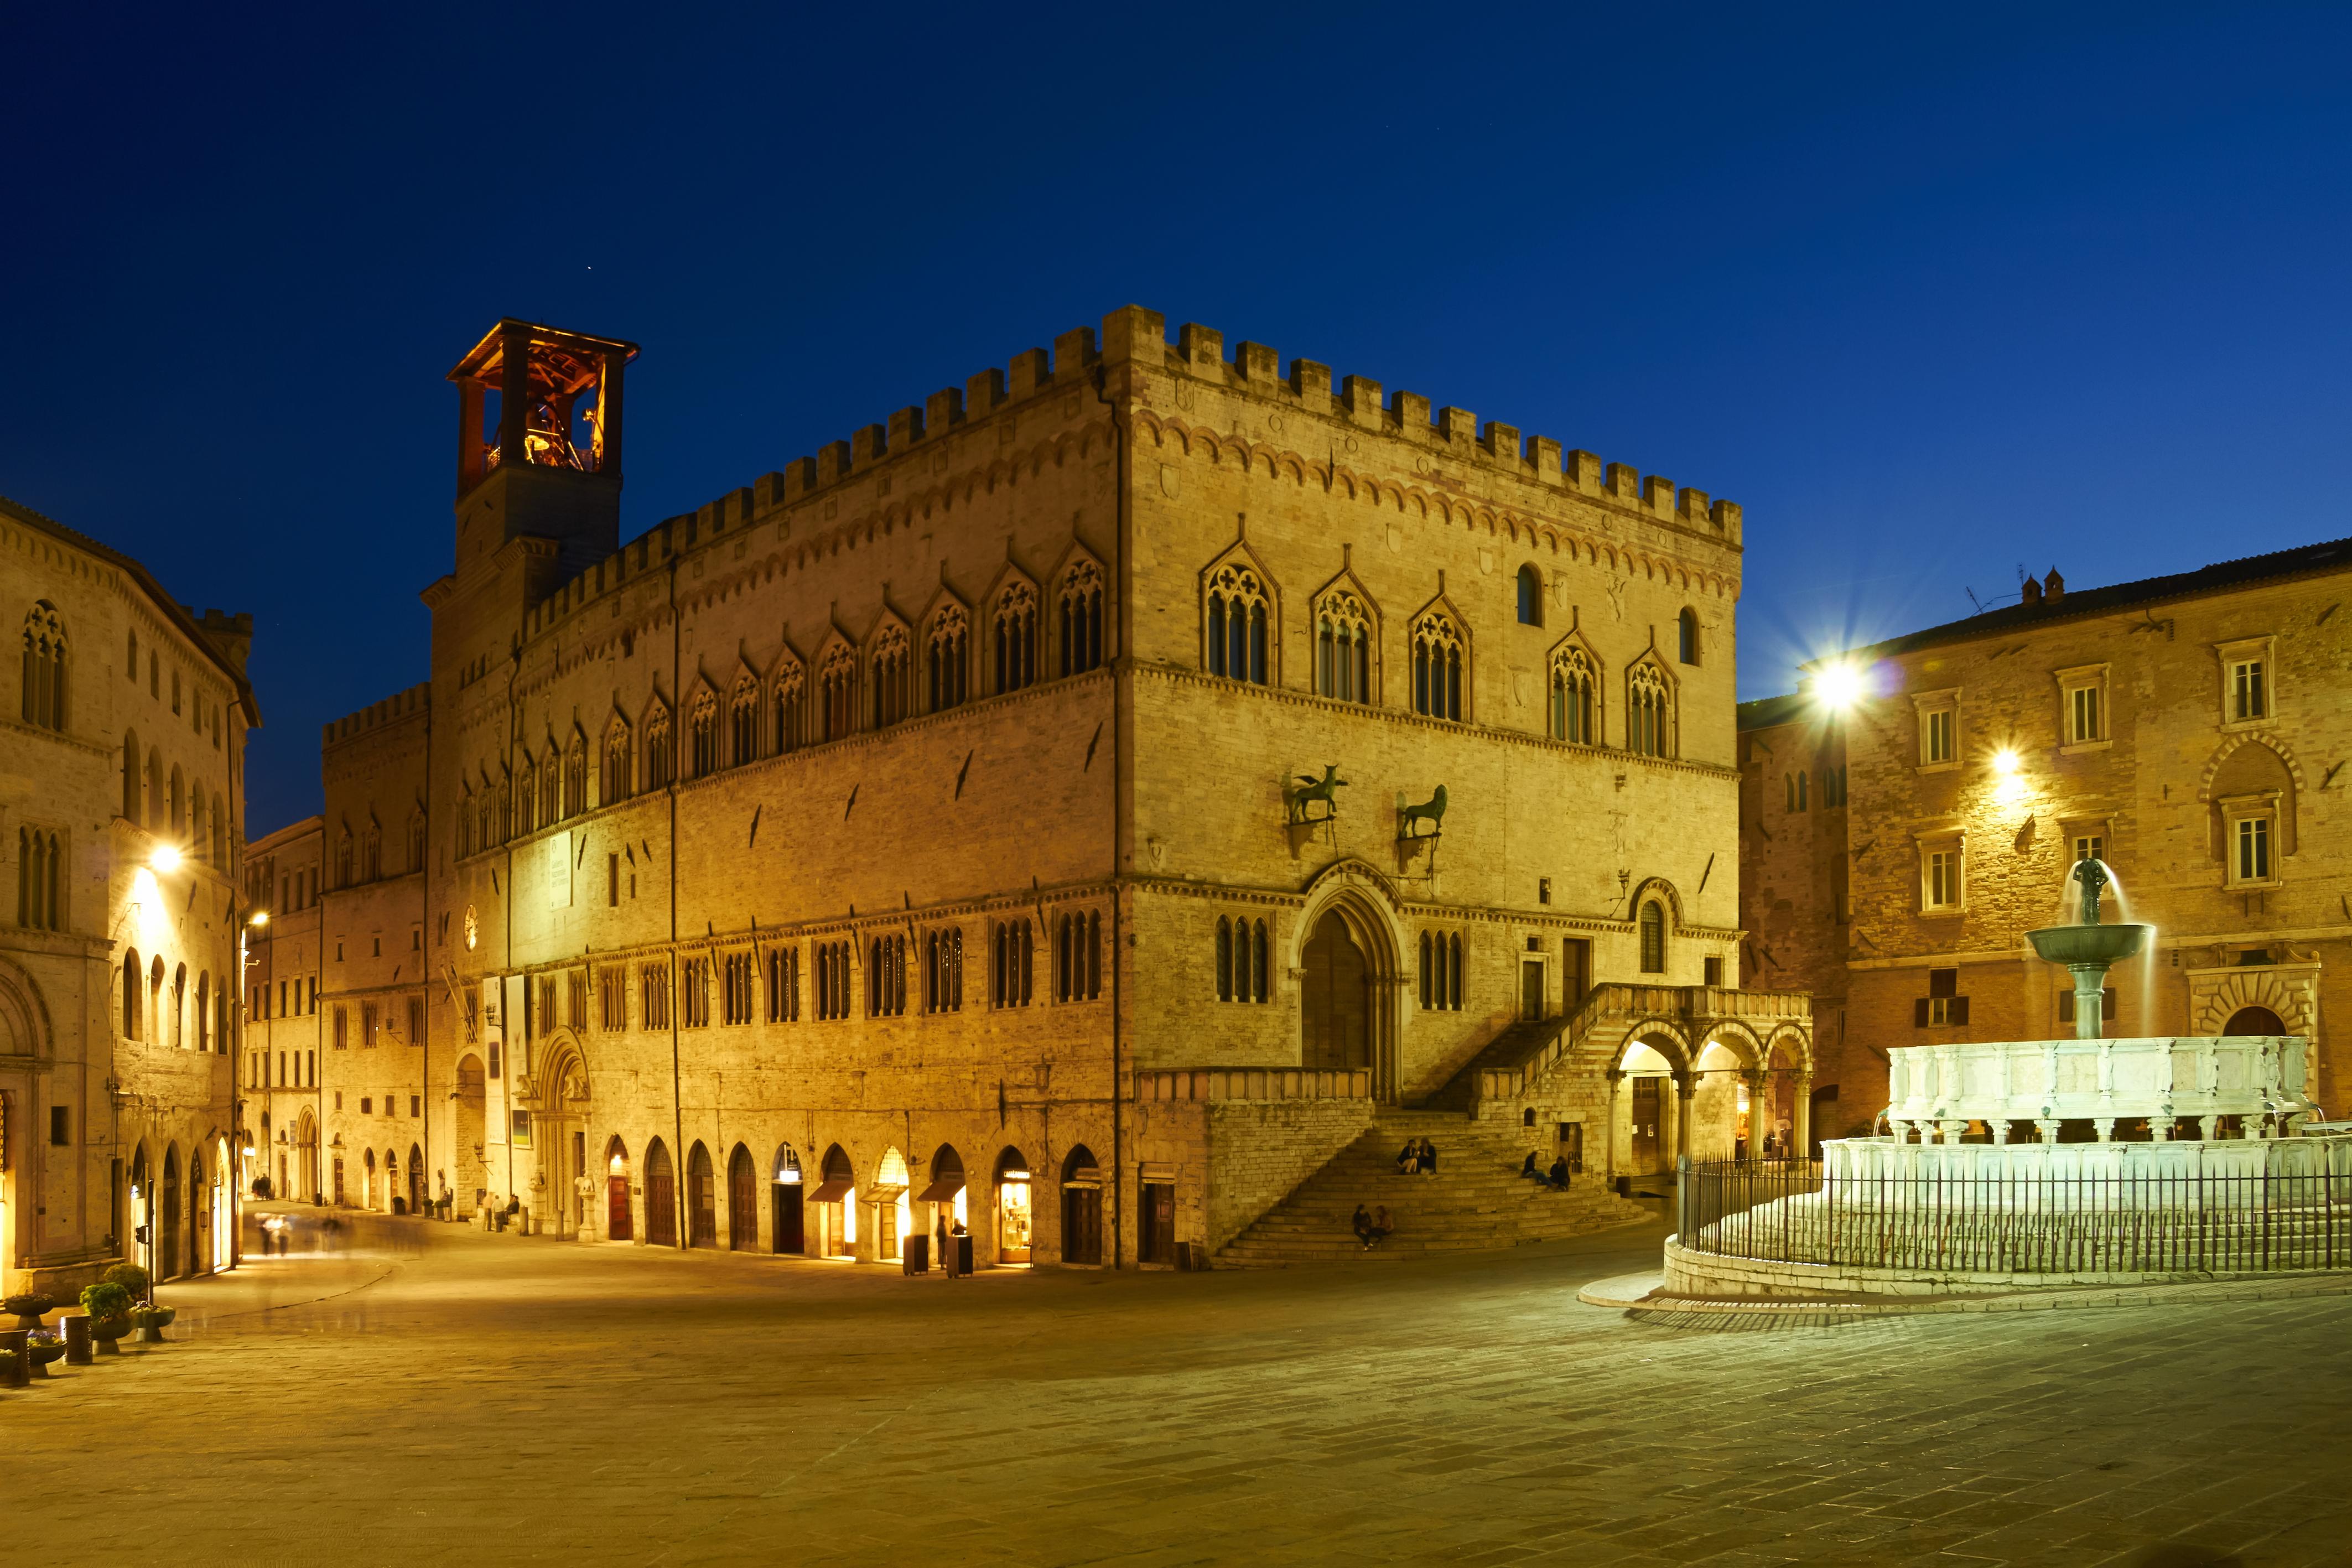 Local Car Insurance >> Palazzo dei Priori | Perugia, Italy Attractions - Lonely Planet